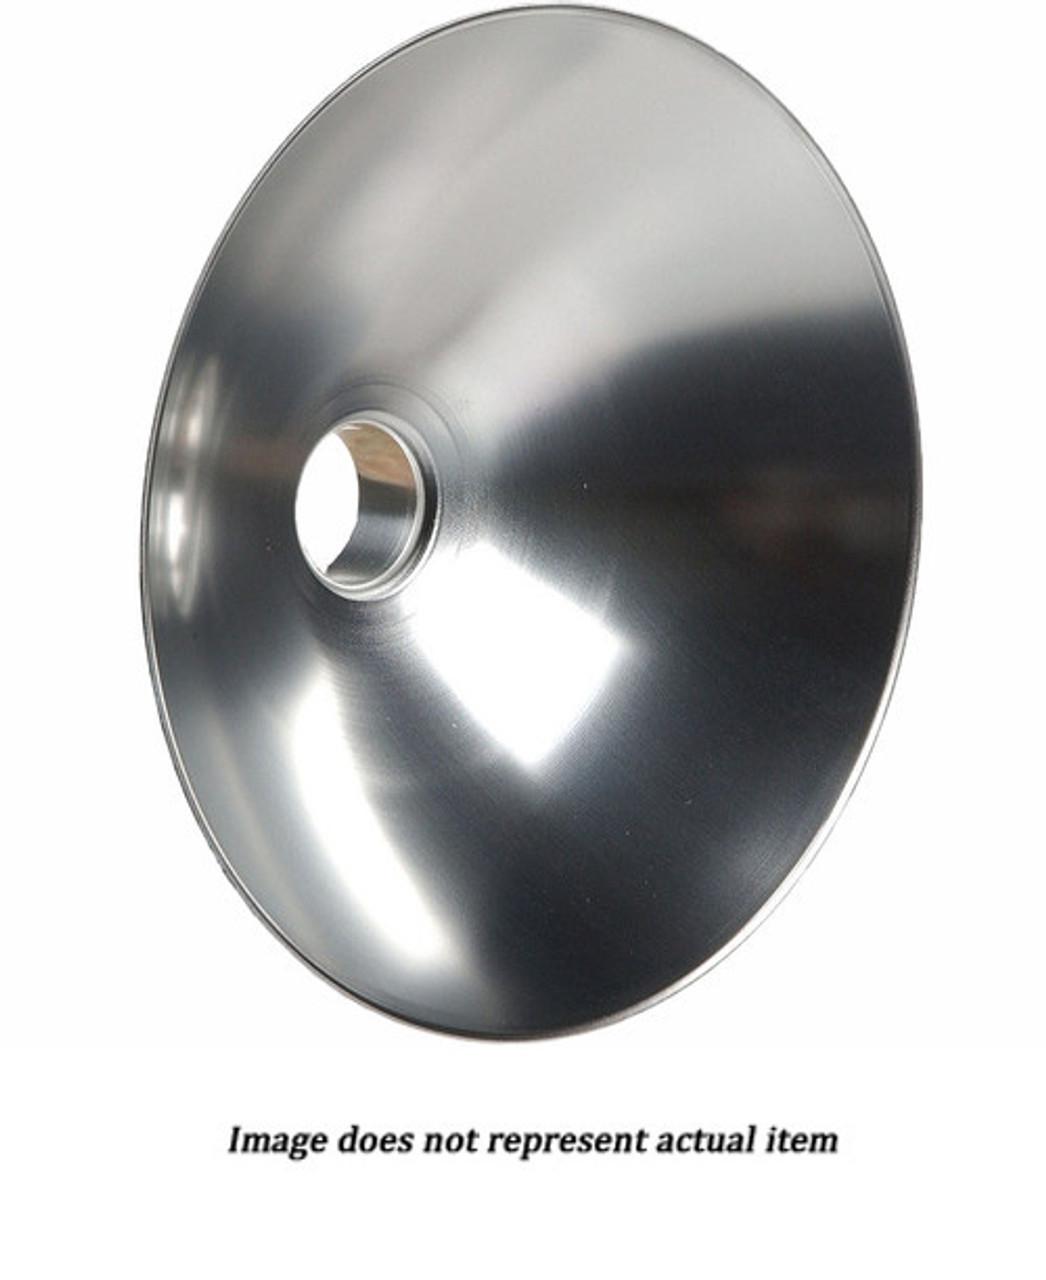 Quantum QF63B Telefoto Reflector (USED)